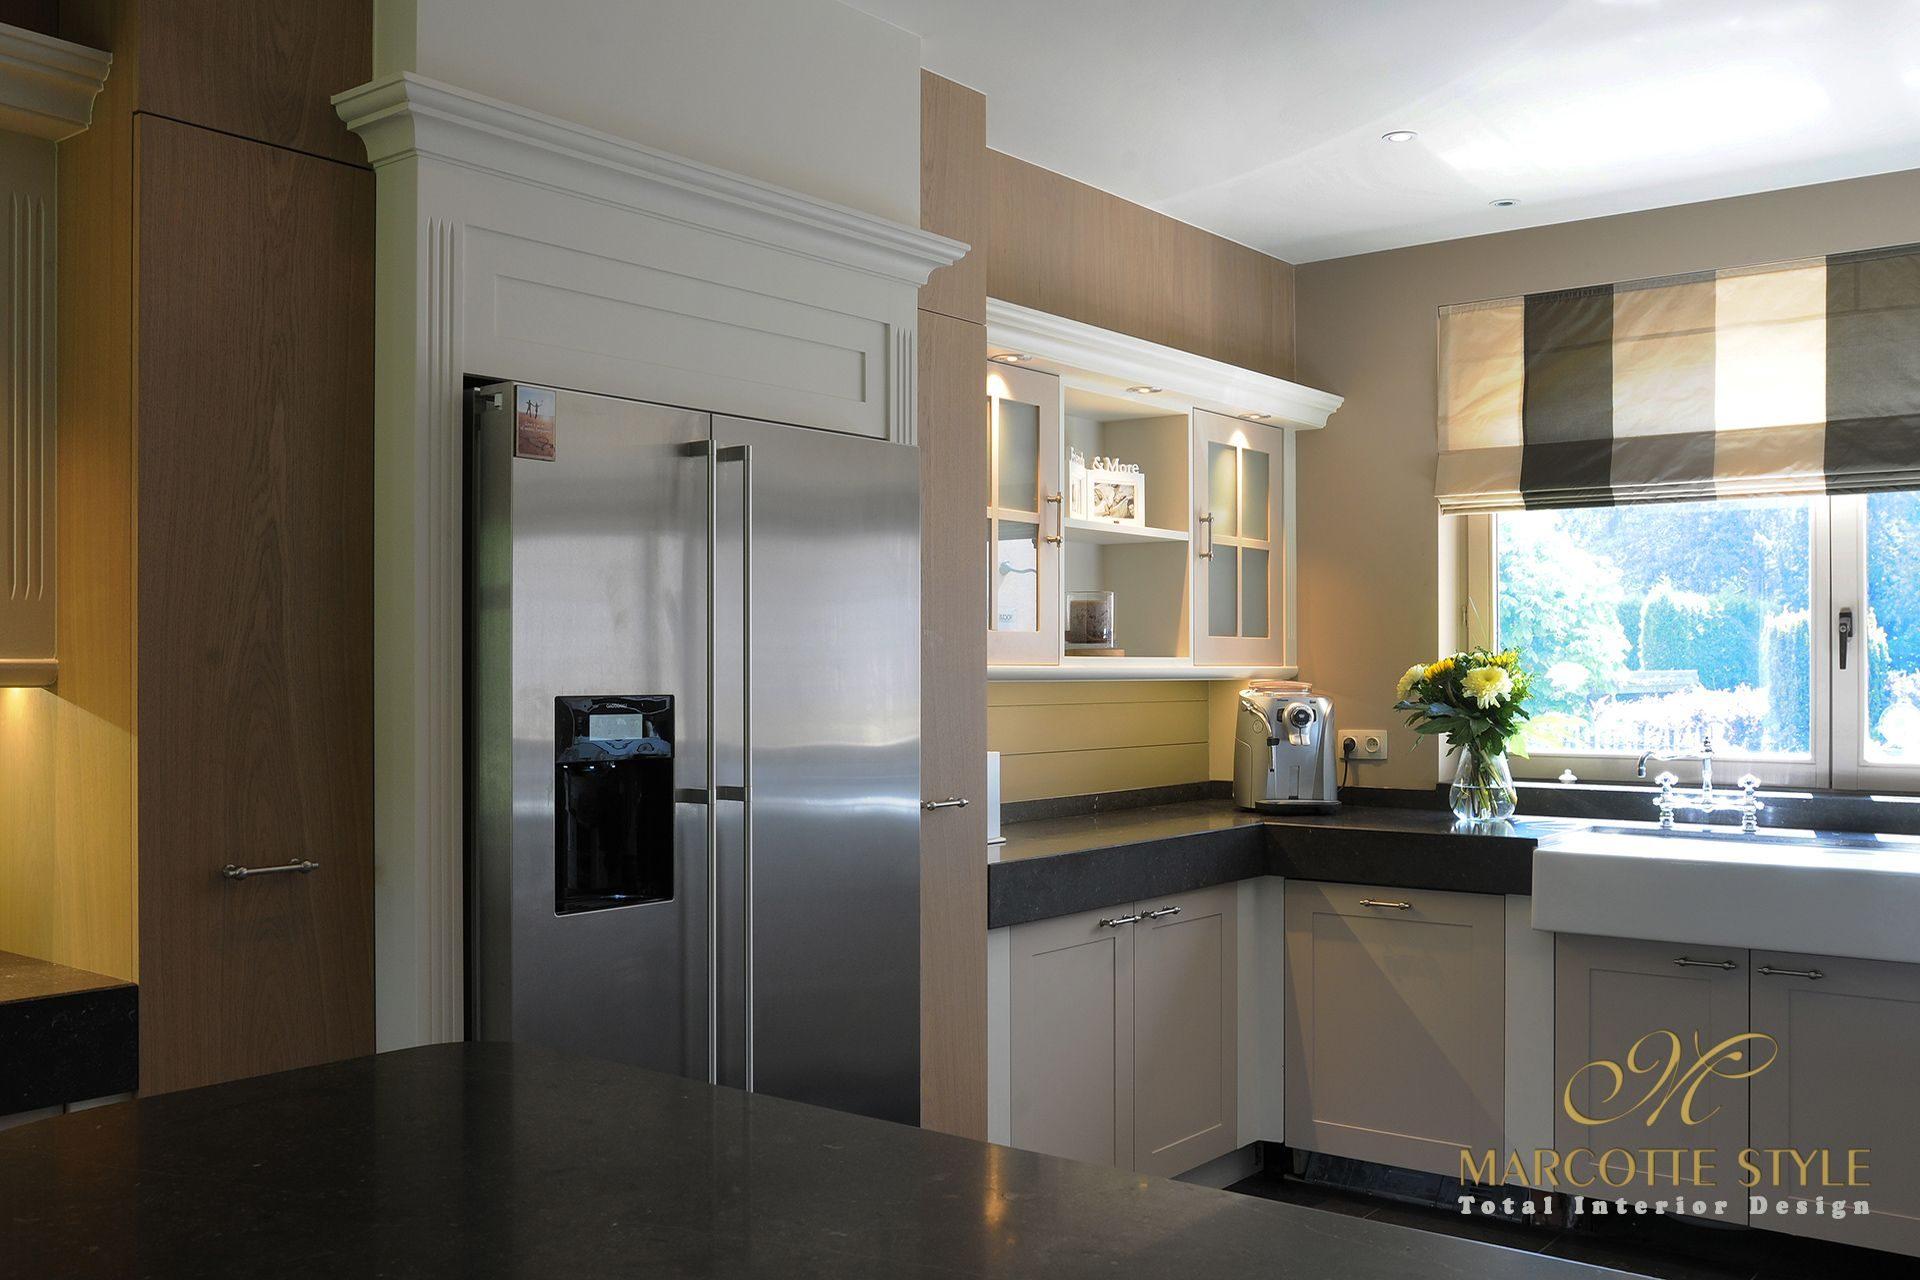 Innenarchitekt im Landhausstil - Marcotte Style